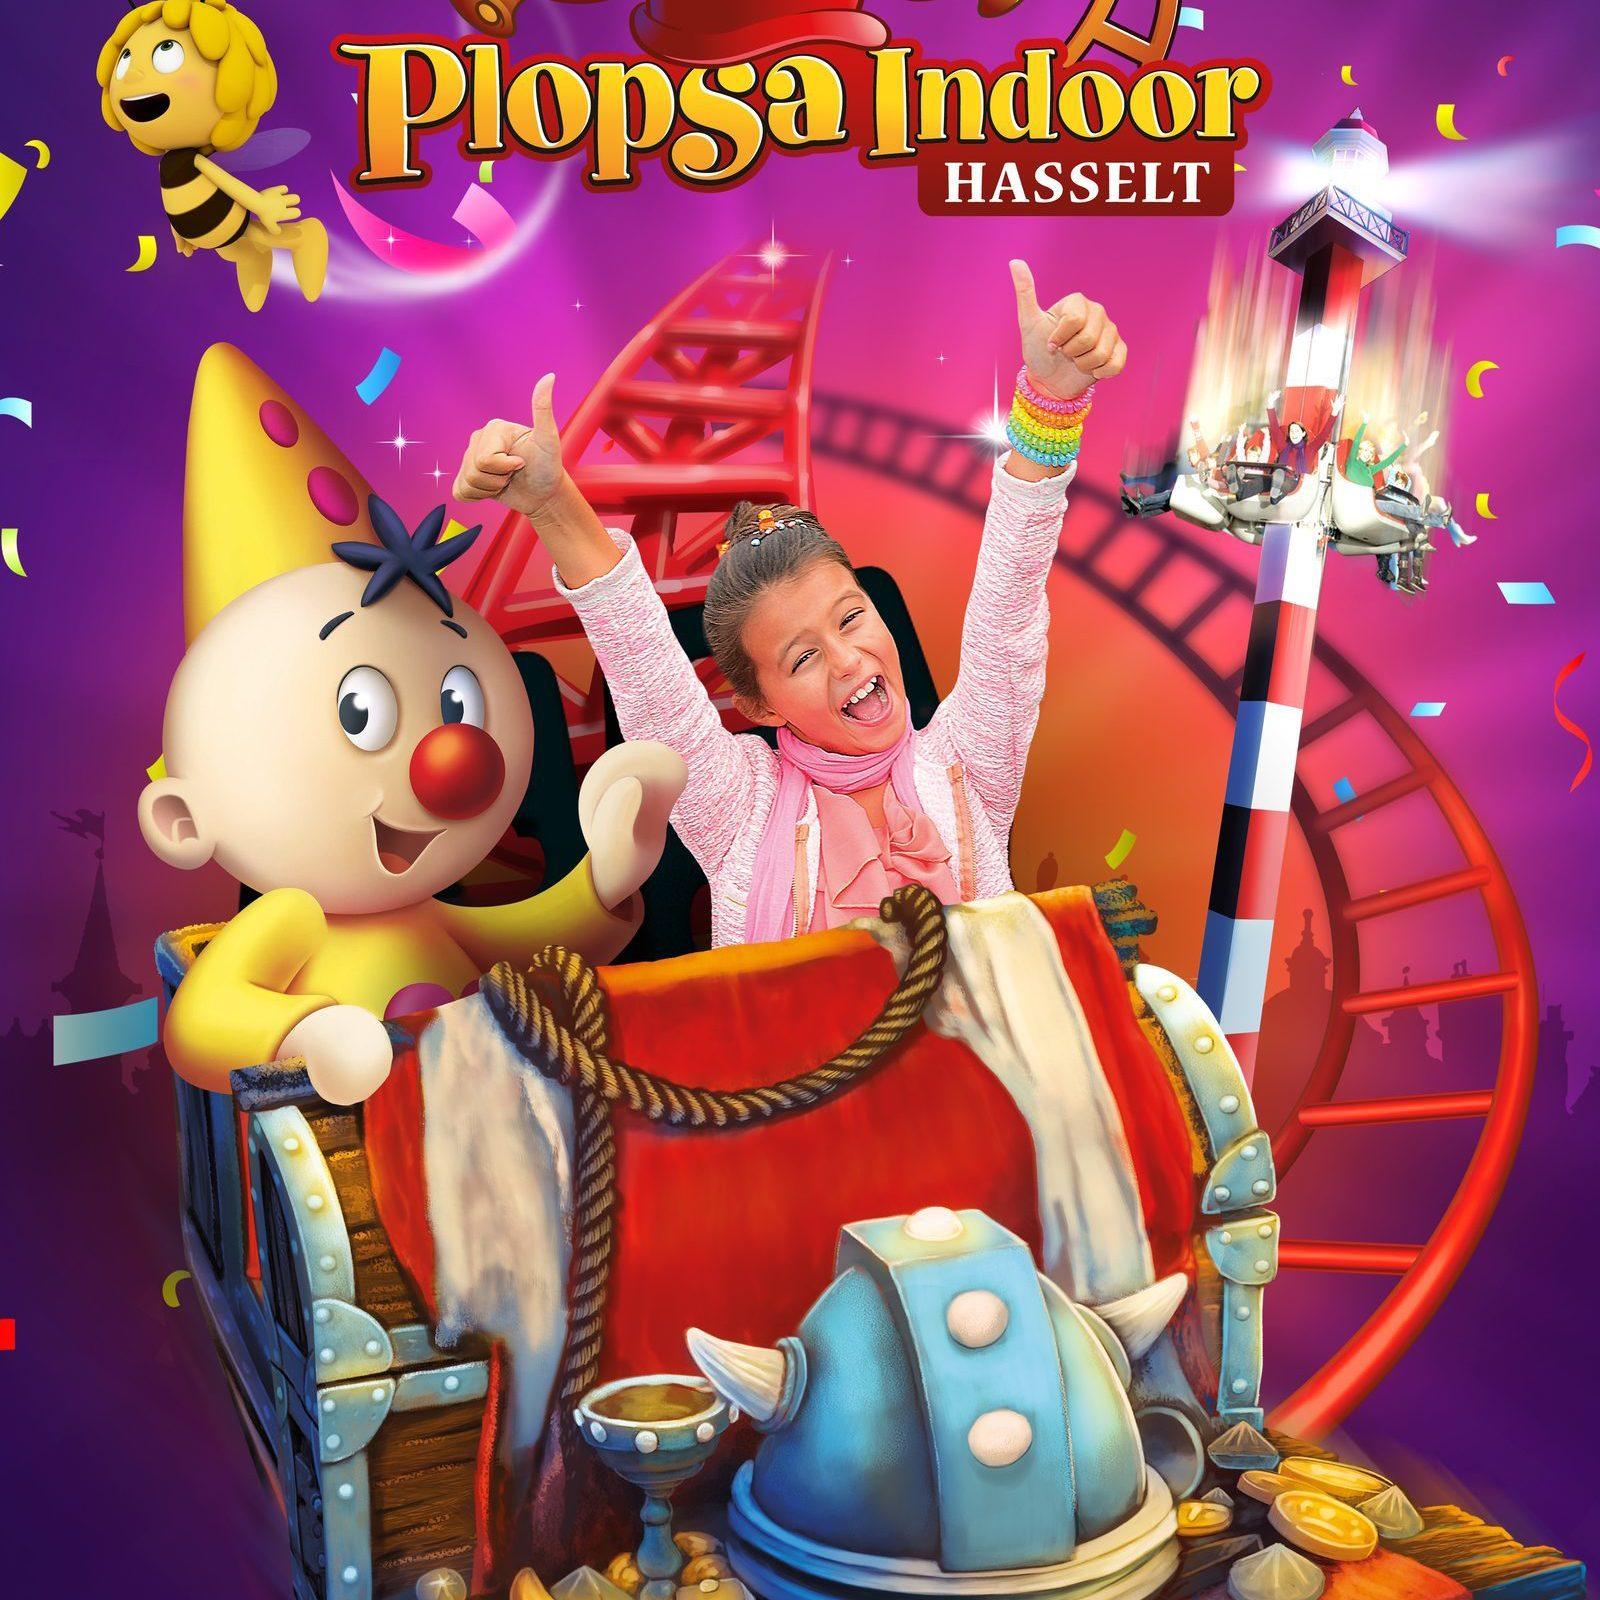 Plopsa Indoor Hasselt